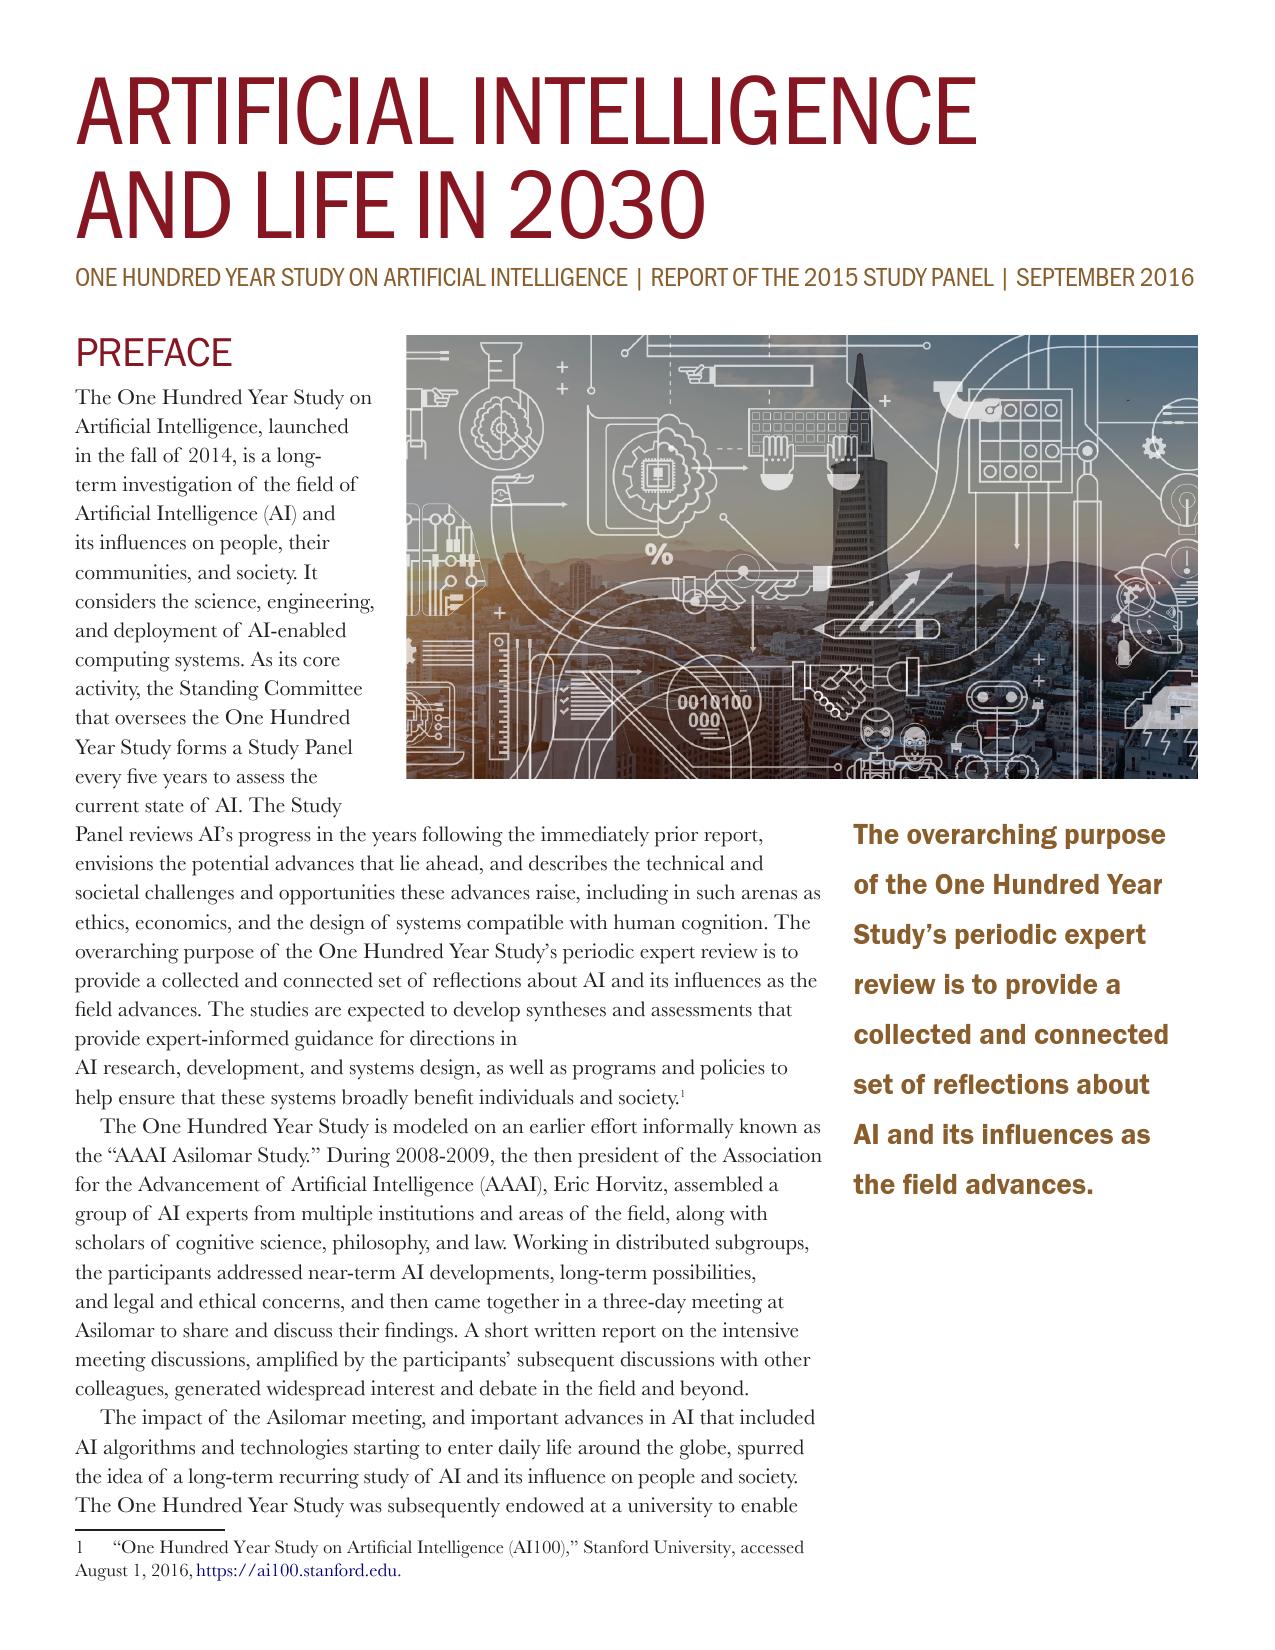 斯坦福:2030年的人工智能与人类生活_000001